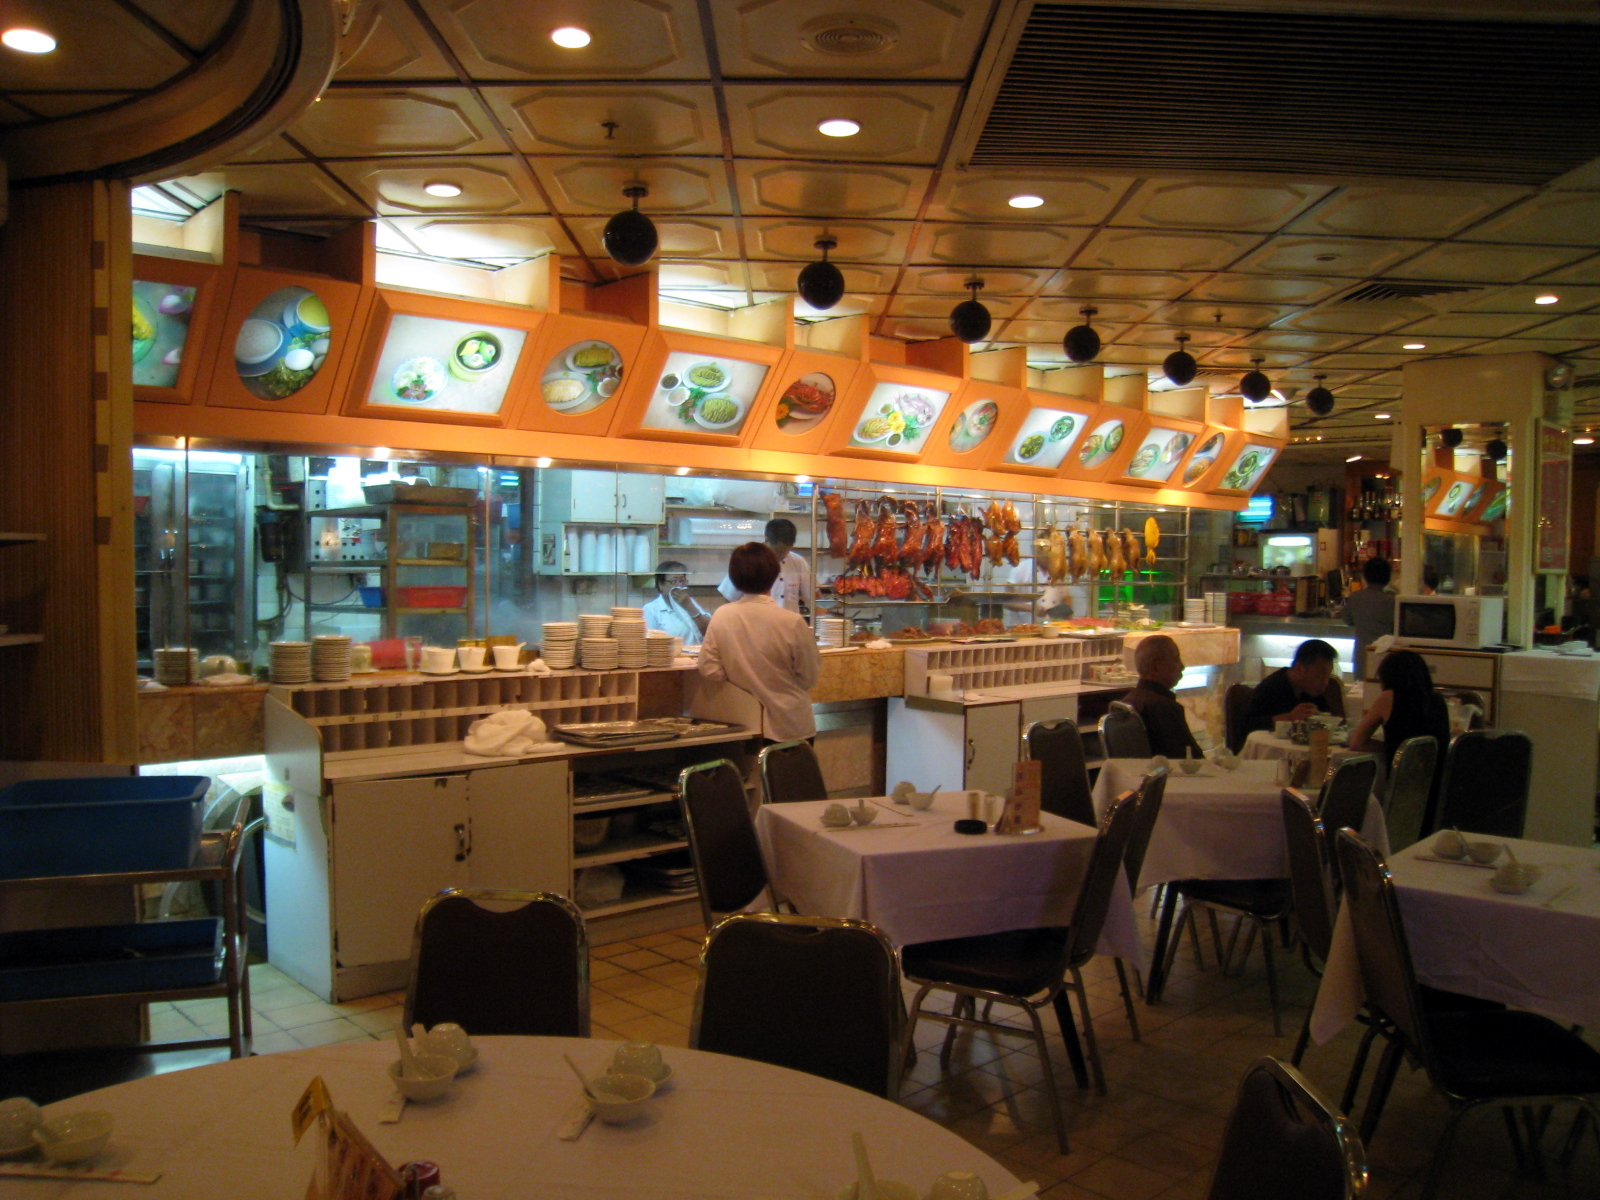 Chinese Restaurant In Enfield Island Village